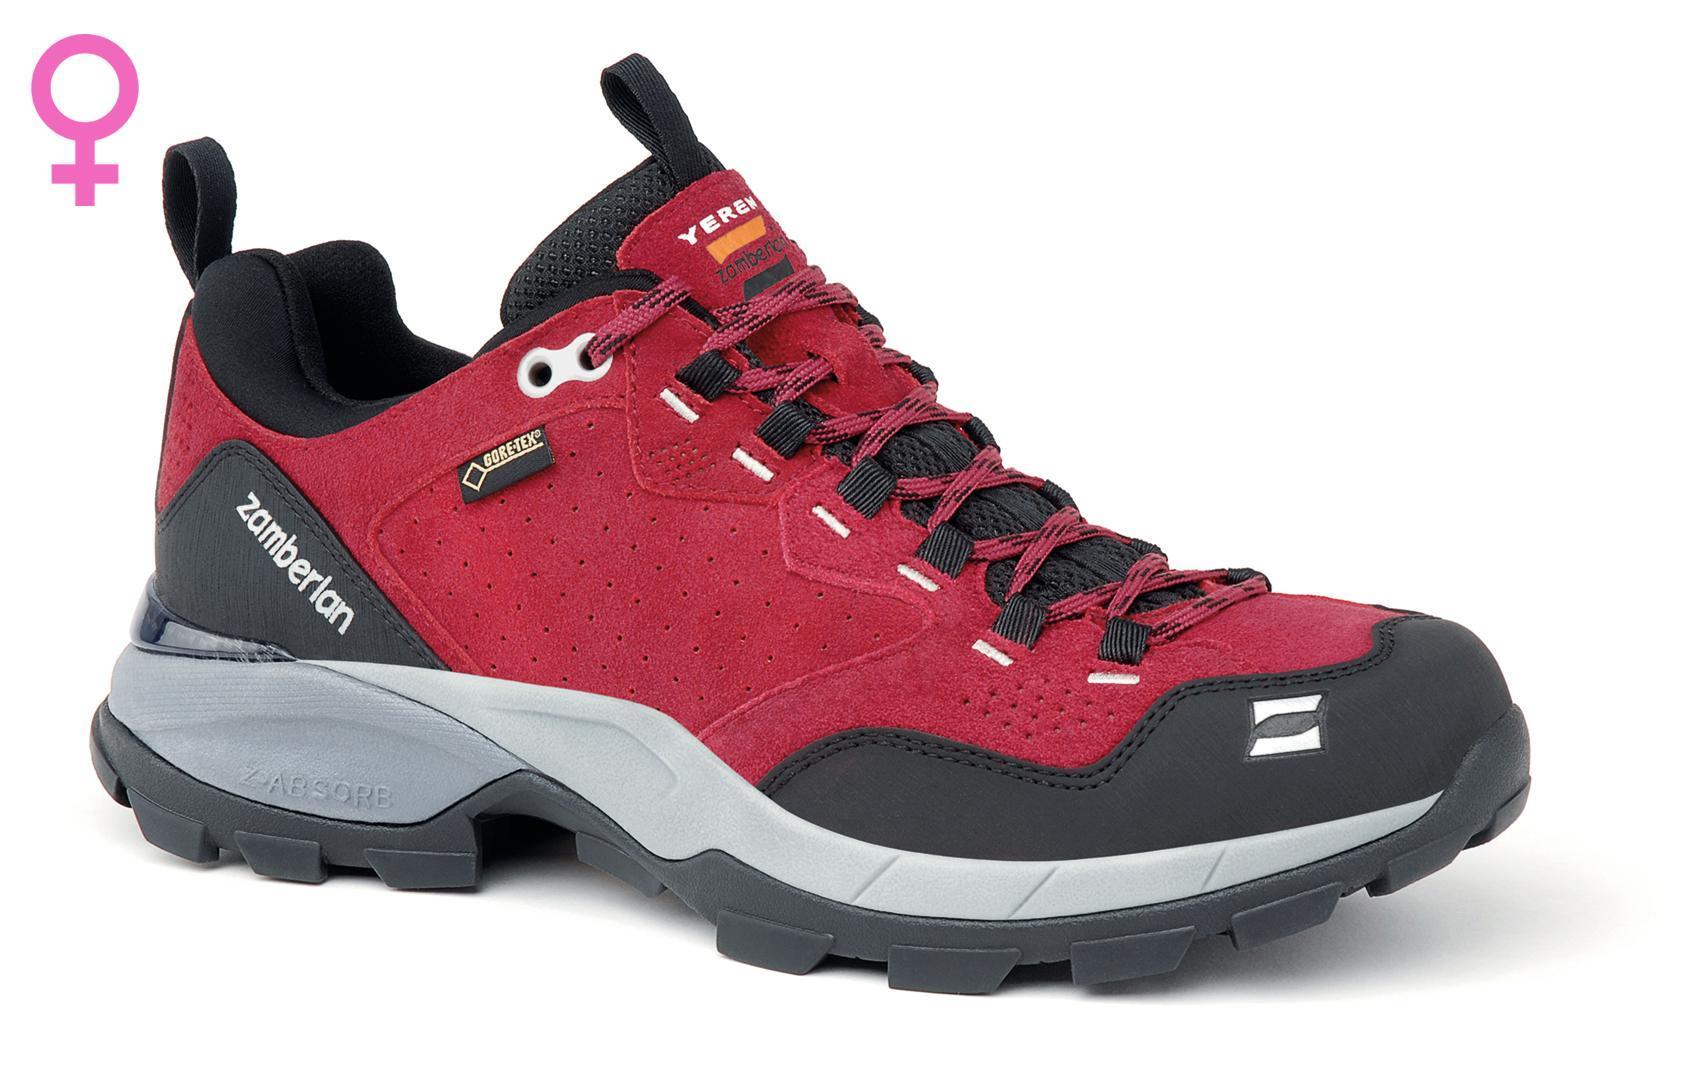 900493b43d4 152 YEREN LOW GTX® RR WNS - Red Women's Hiking Shoes Zamberlan   Zamberlan